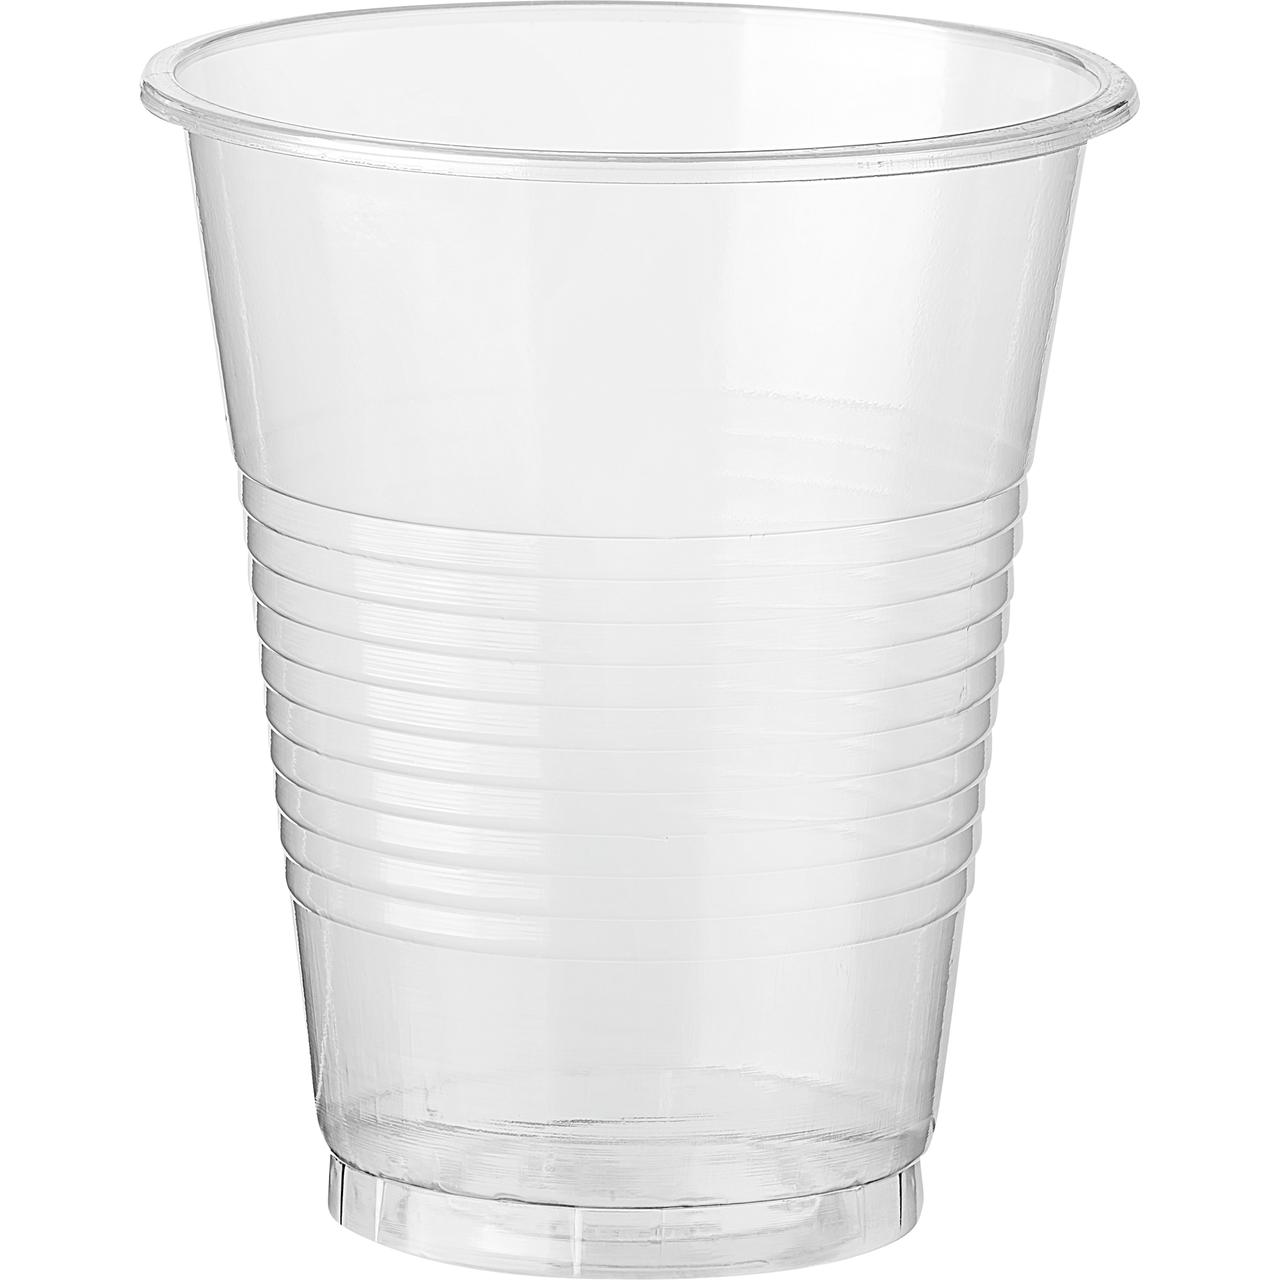 Стакан пластиковий Horeca Select білий 200мл 100шт